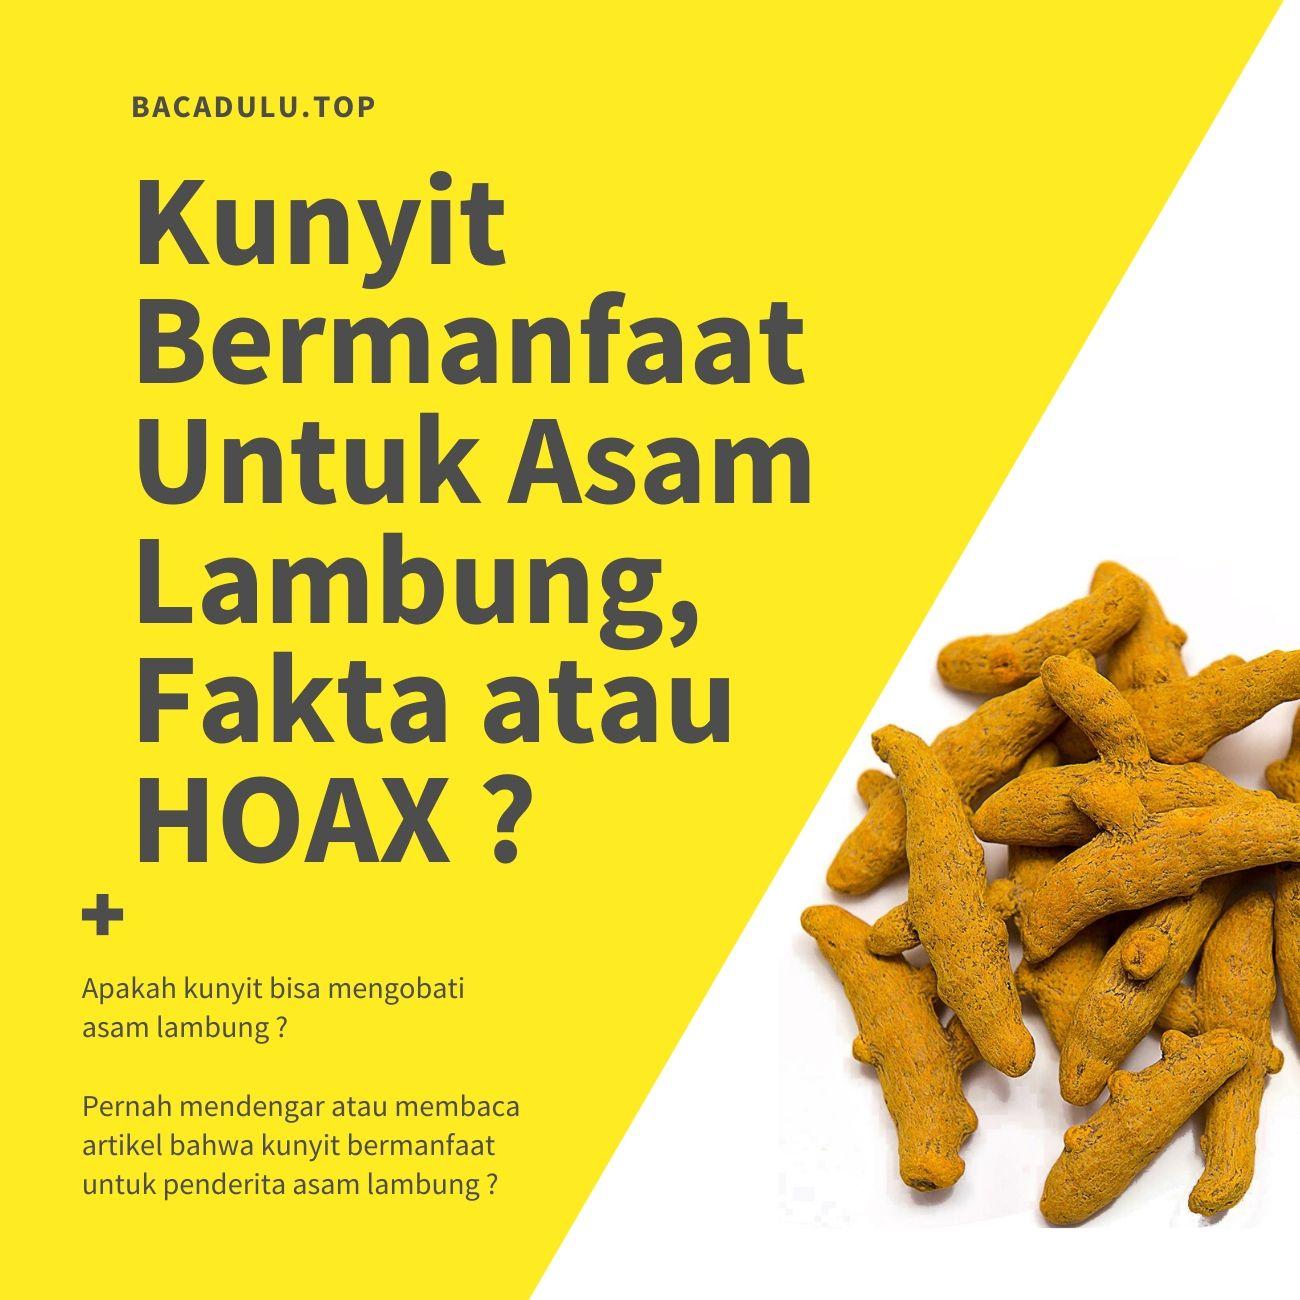 Kunyit Bermanfaat Untuk Asam Lambung, Fakta atau HOAX ?